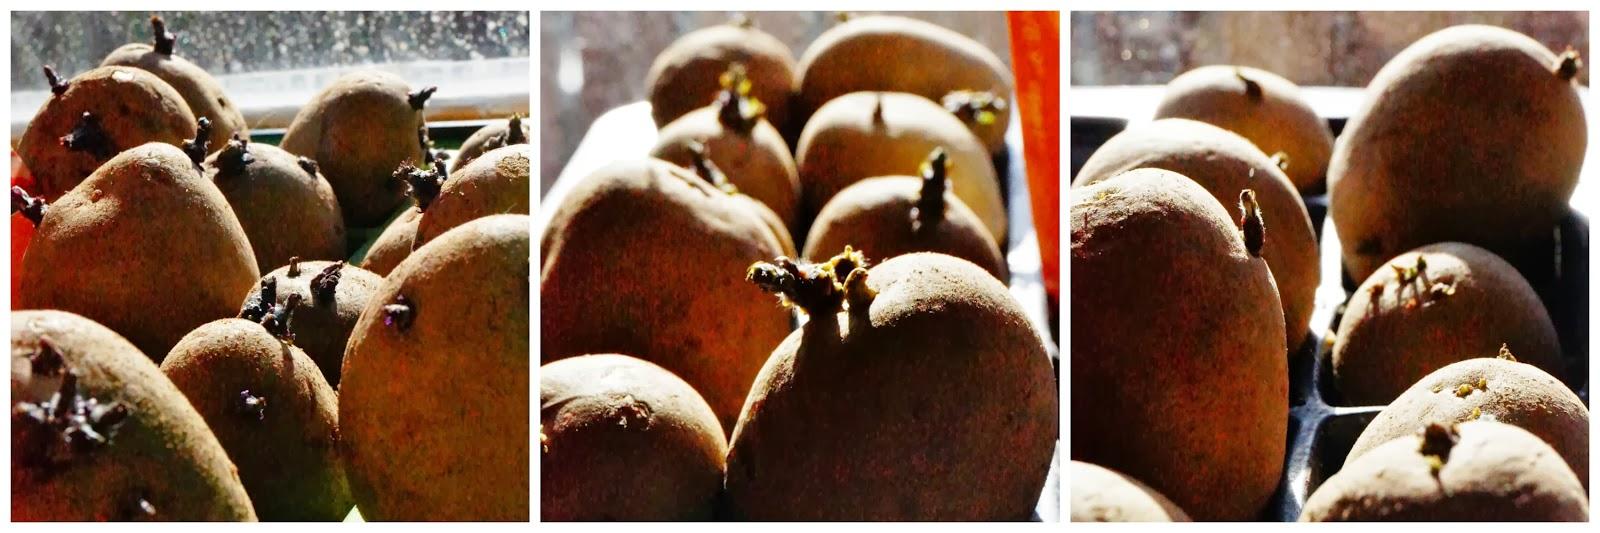 3 different potatoes chitting -  'growourown.blogspot.com' ~ An allotment blog